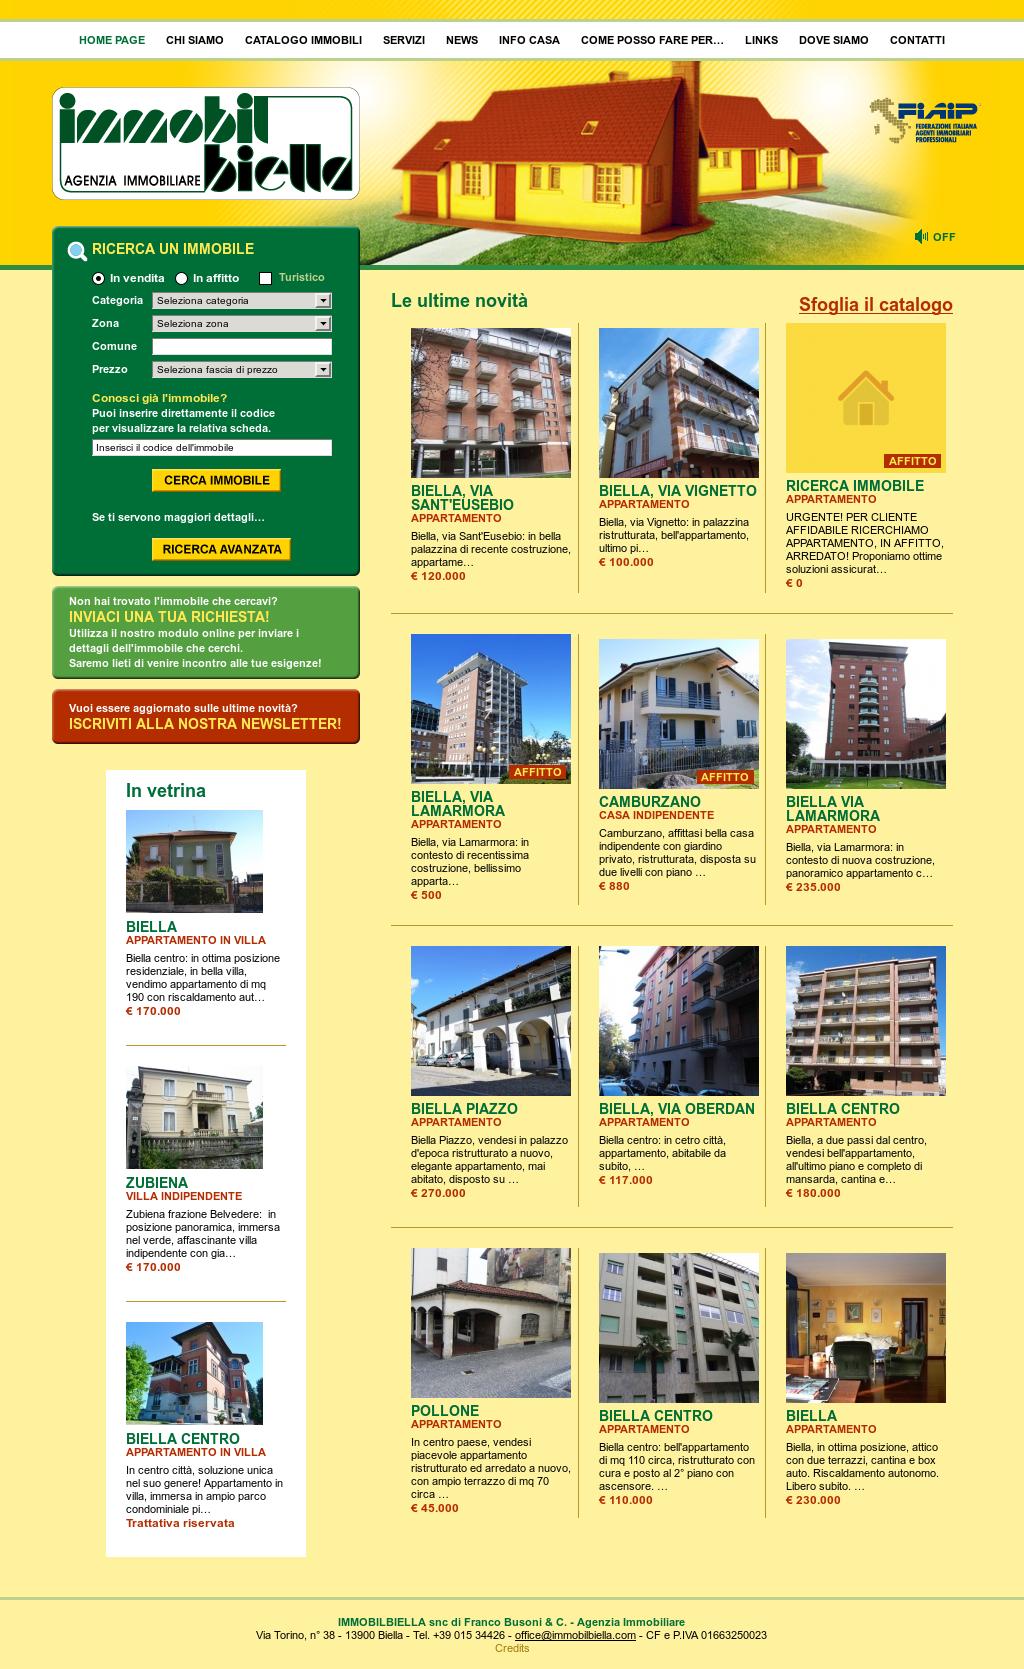 Agenzie Immobiliari Trento Città immobilbiella s.n.c competitors, revenue and employees